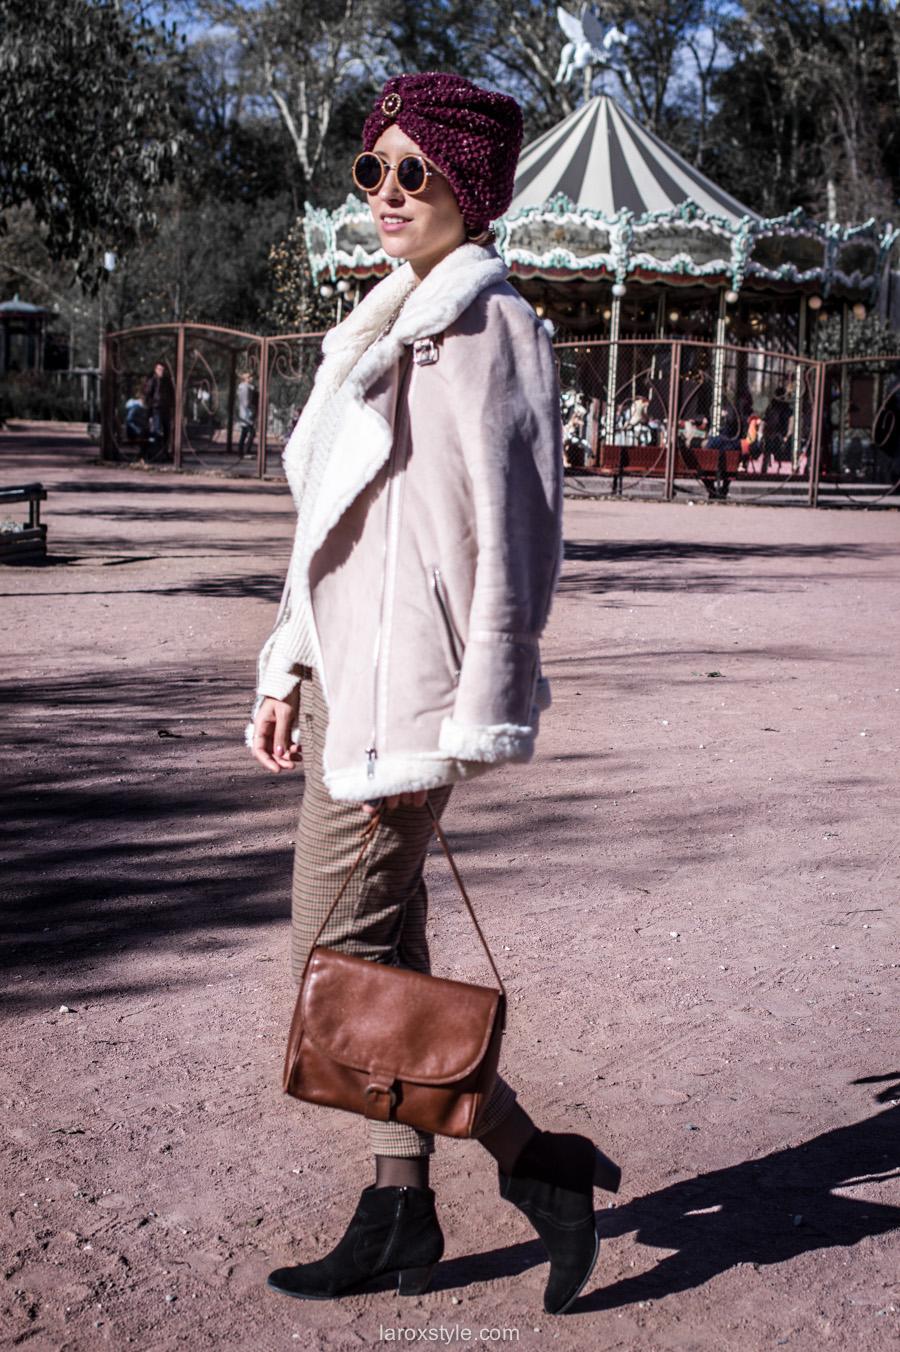 retro look - turban cheveux - pantalon pied de poule - laroxstyle blog mode lyon-13